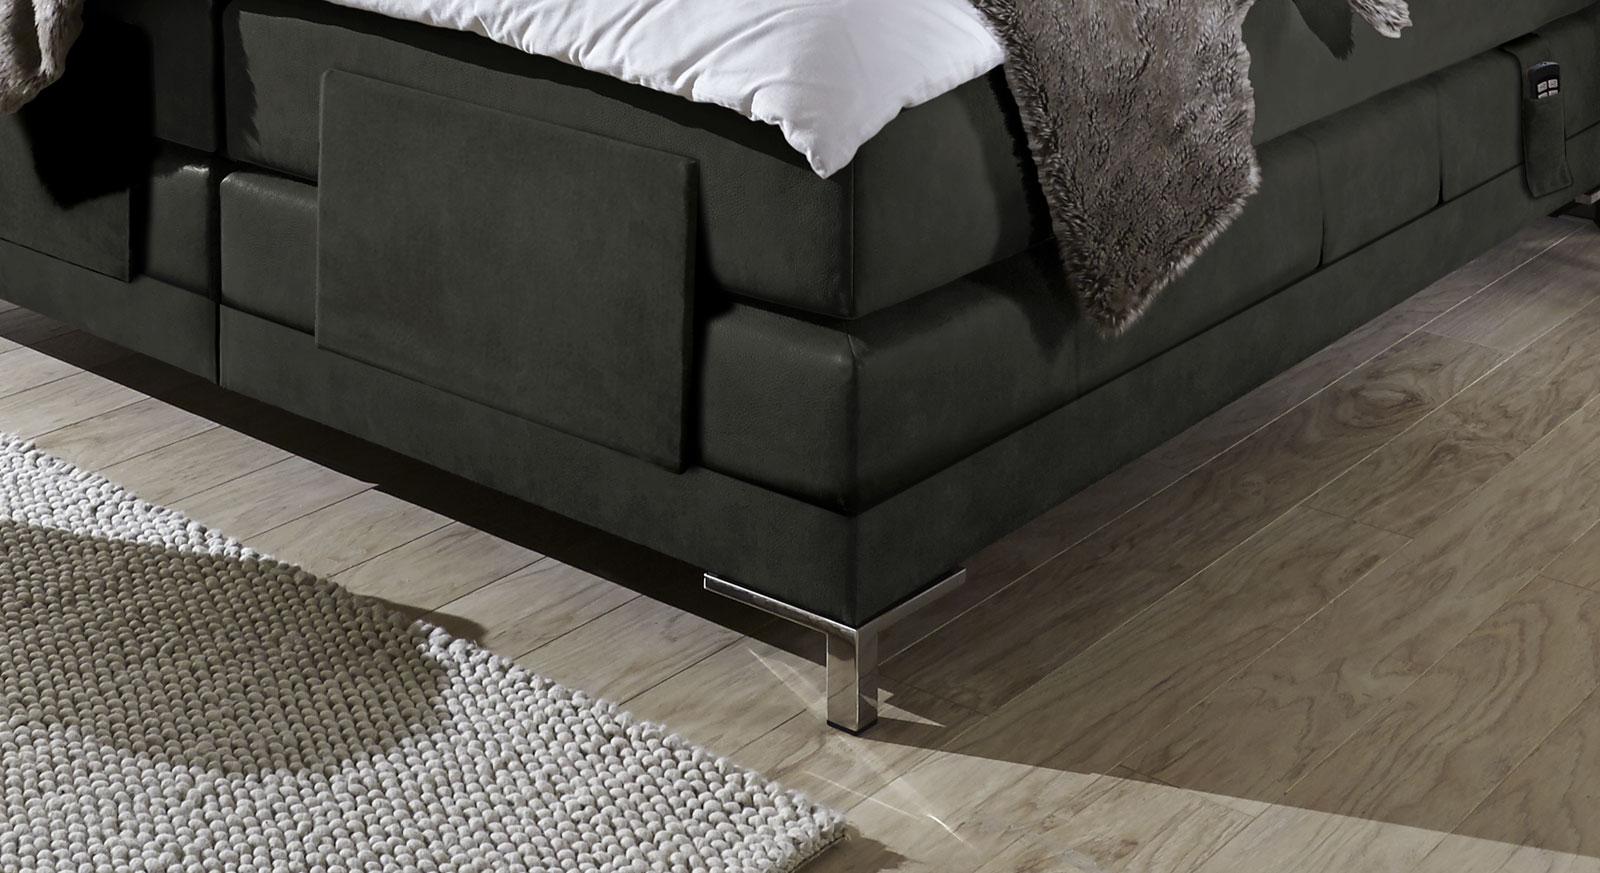 2017 schlafzimmer zamaro ~ interieurs inspiration, Schlafzimmer entwurf